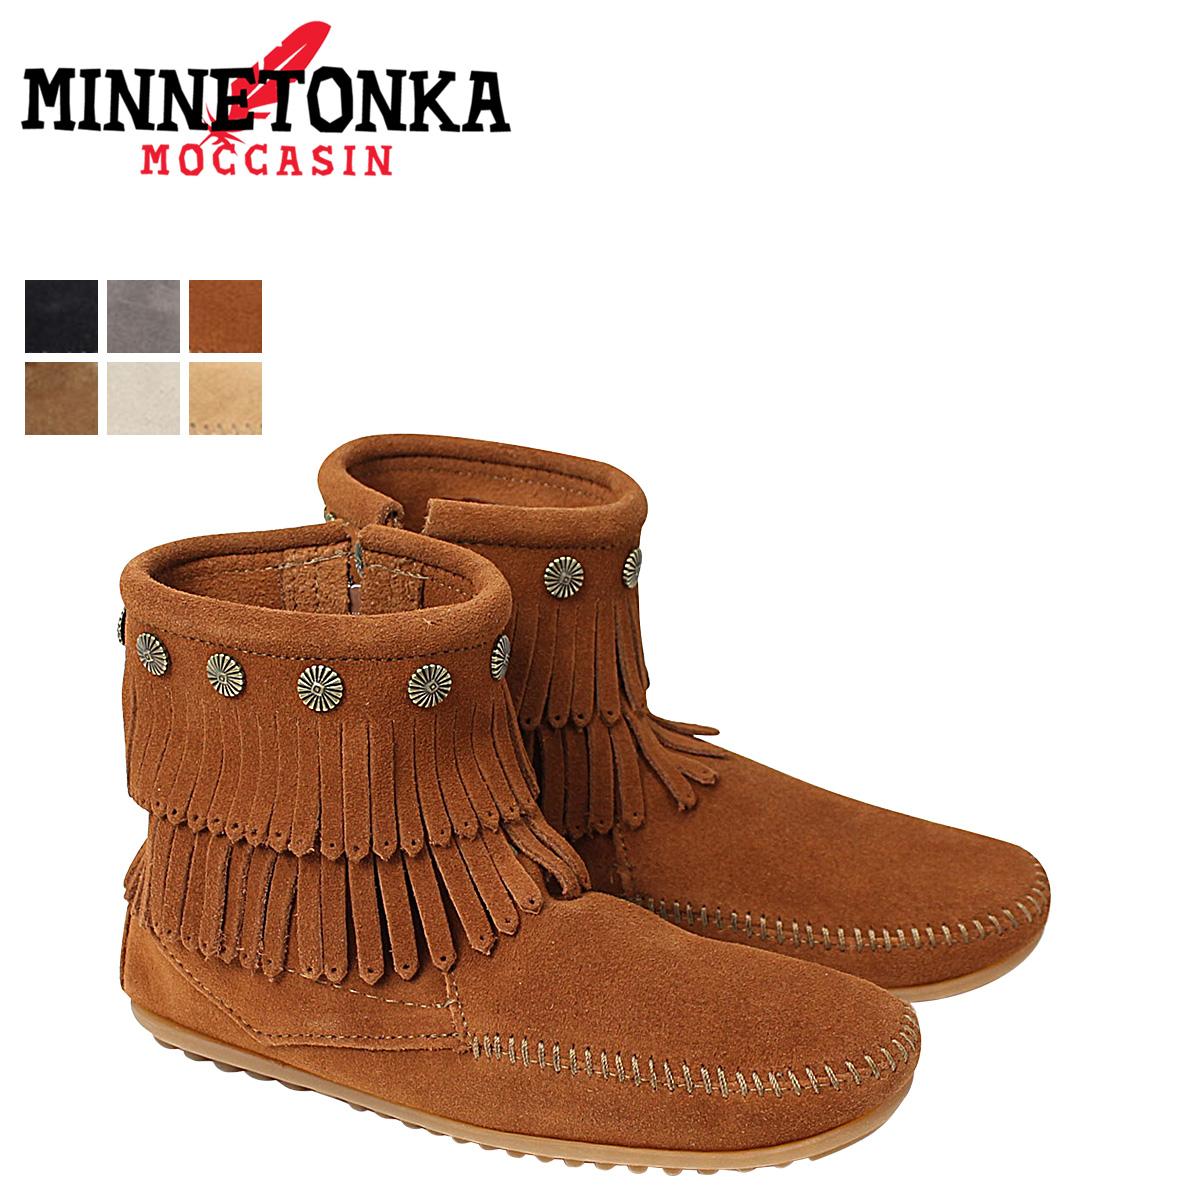 Minnetonka Double Fringe Side Zip (Women's) CNg15Cn